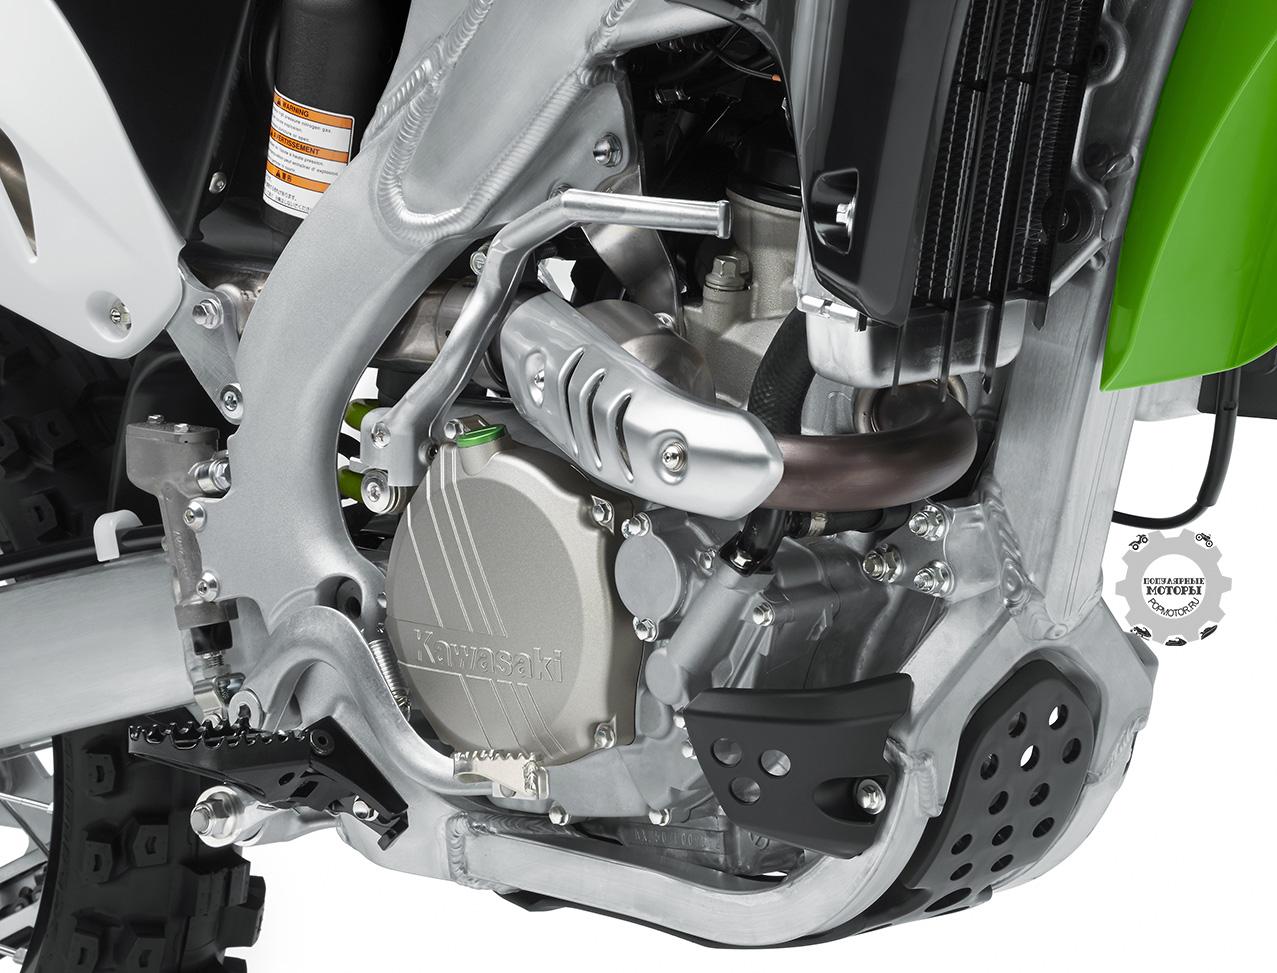 """Четырёхтактный двигатель Kawasaki KX250F 2015 сохранил прежний диаметр цилиндра и ход поршня, но получил новый поршень конструкции """"bridged box"""" а-ля Формула-1 наряду с обновлённым нижним топливным инжектором, более тяжёлым ротором раздатчика зажигания и обновлённым программированием блока управления мотором."""